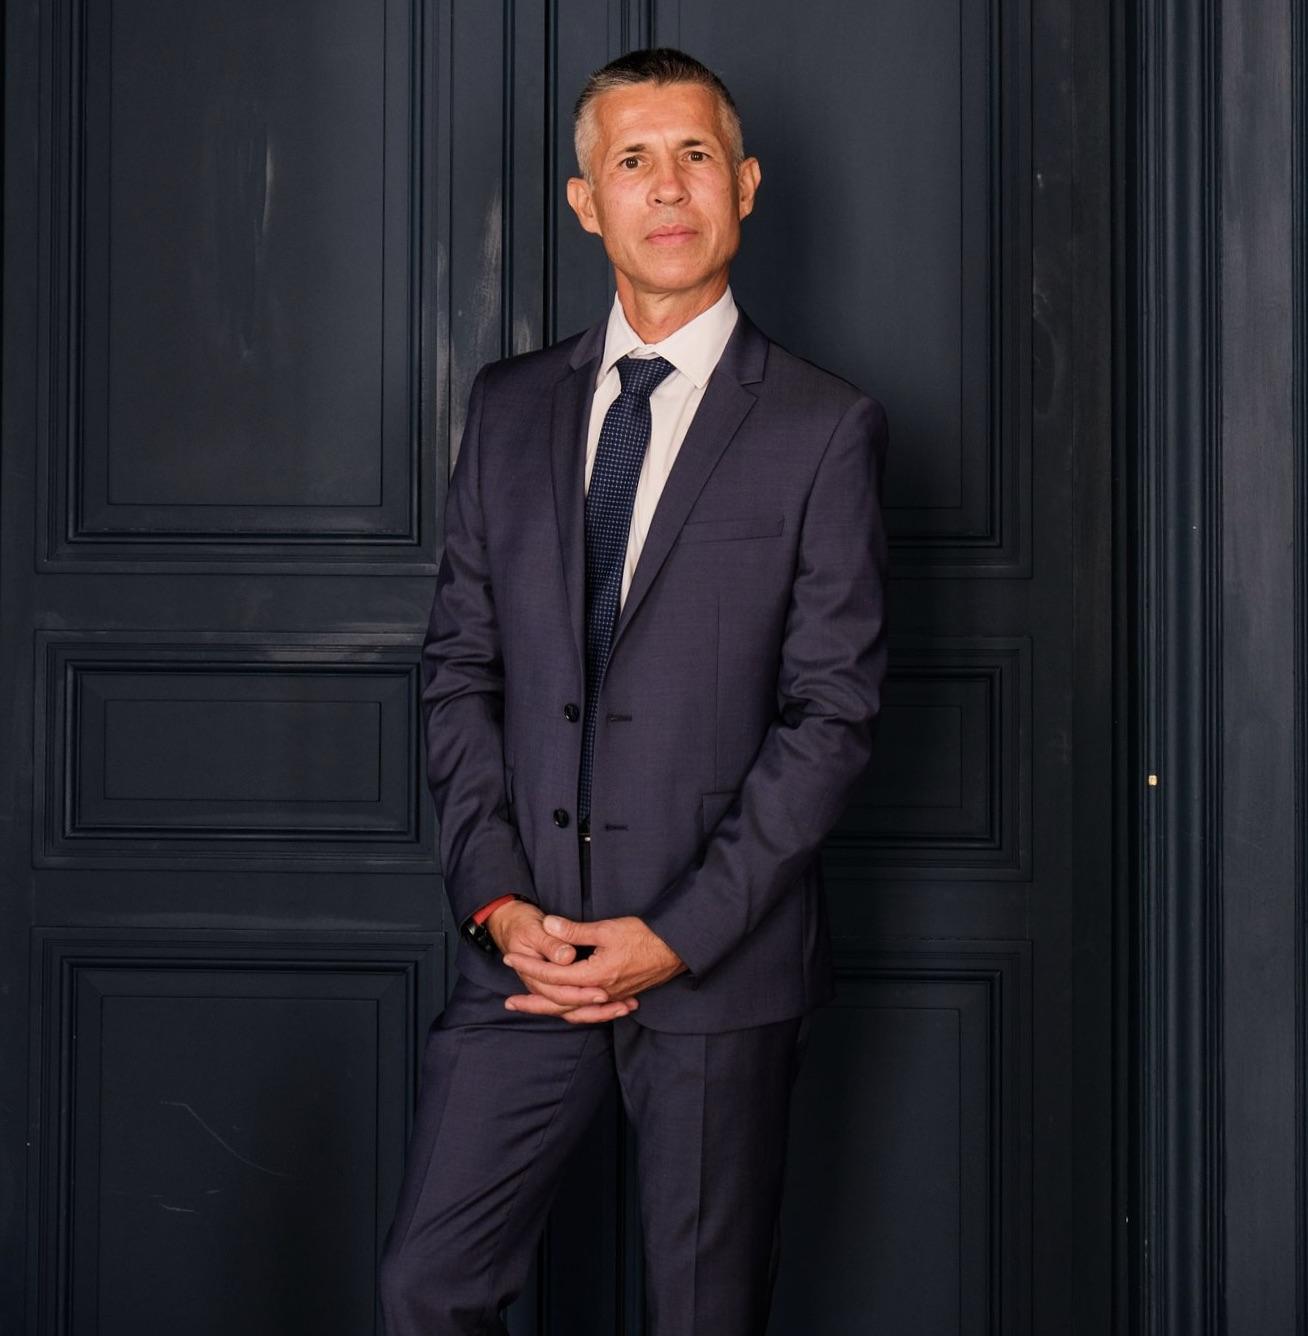 Karim Touati a succédé à Jacques Frossard à la tête de SNC Réseau en PACA.  Une prise de fonction, en pleine crise covid, marquée par la signature d'un contrat de performance avec la Région Sud. ©SNCF Réseau.